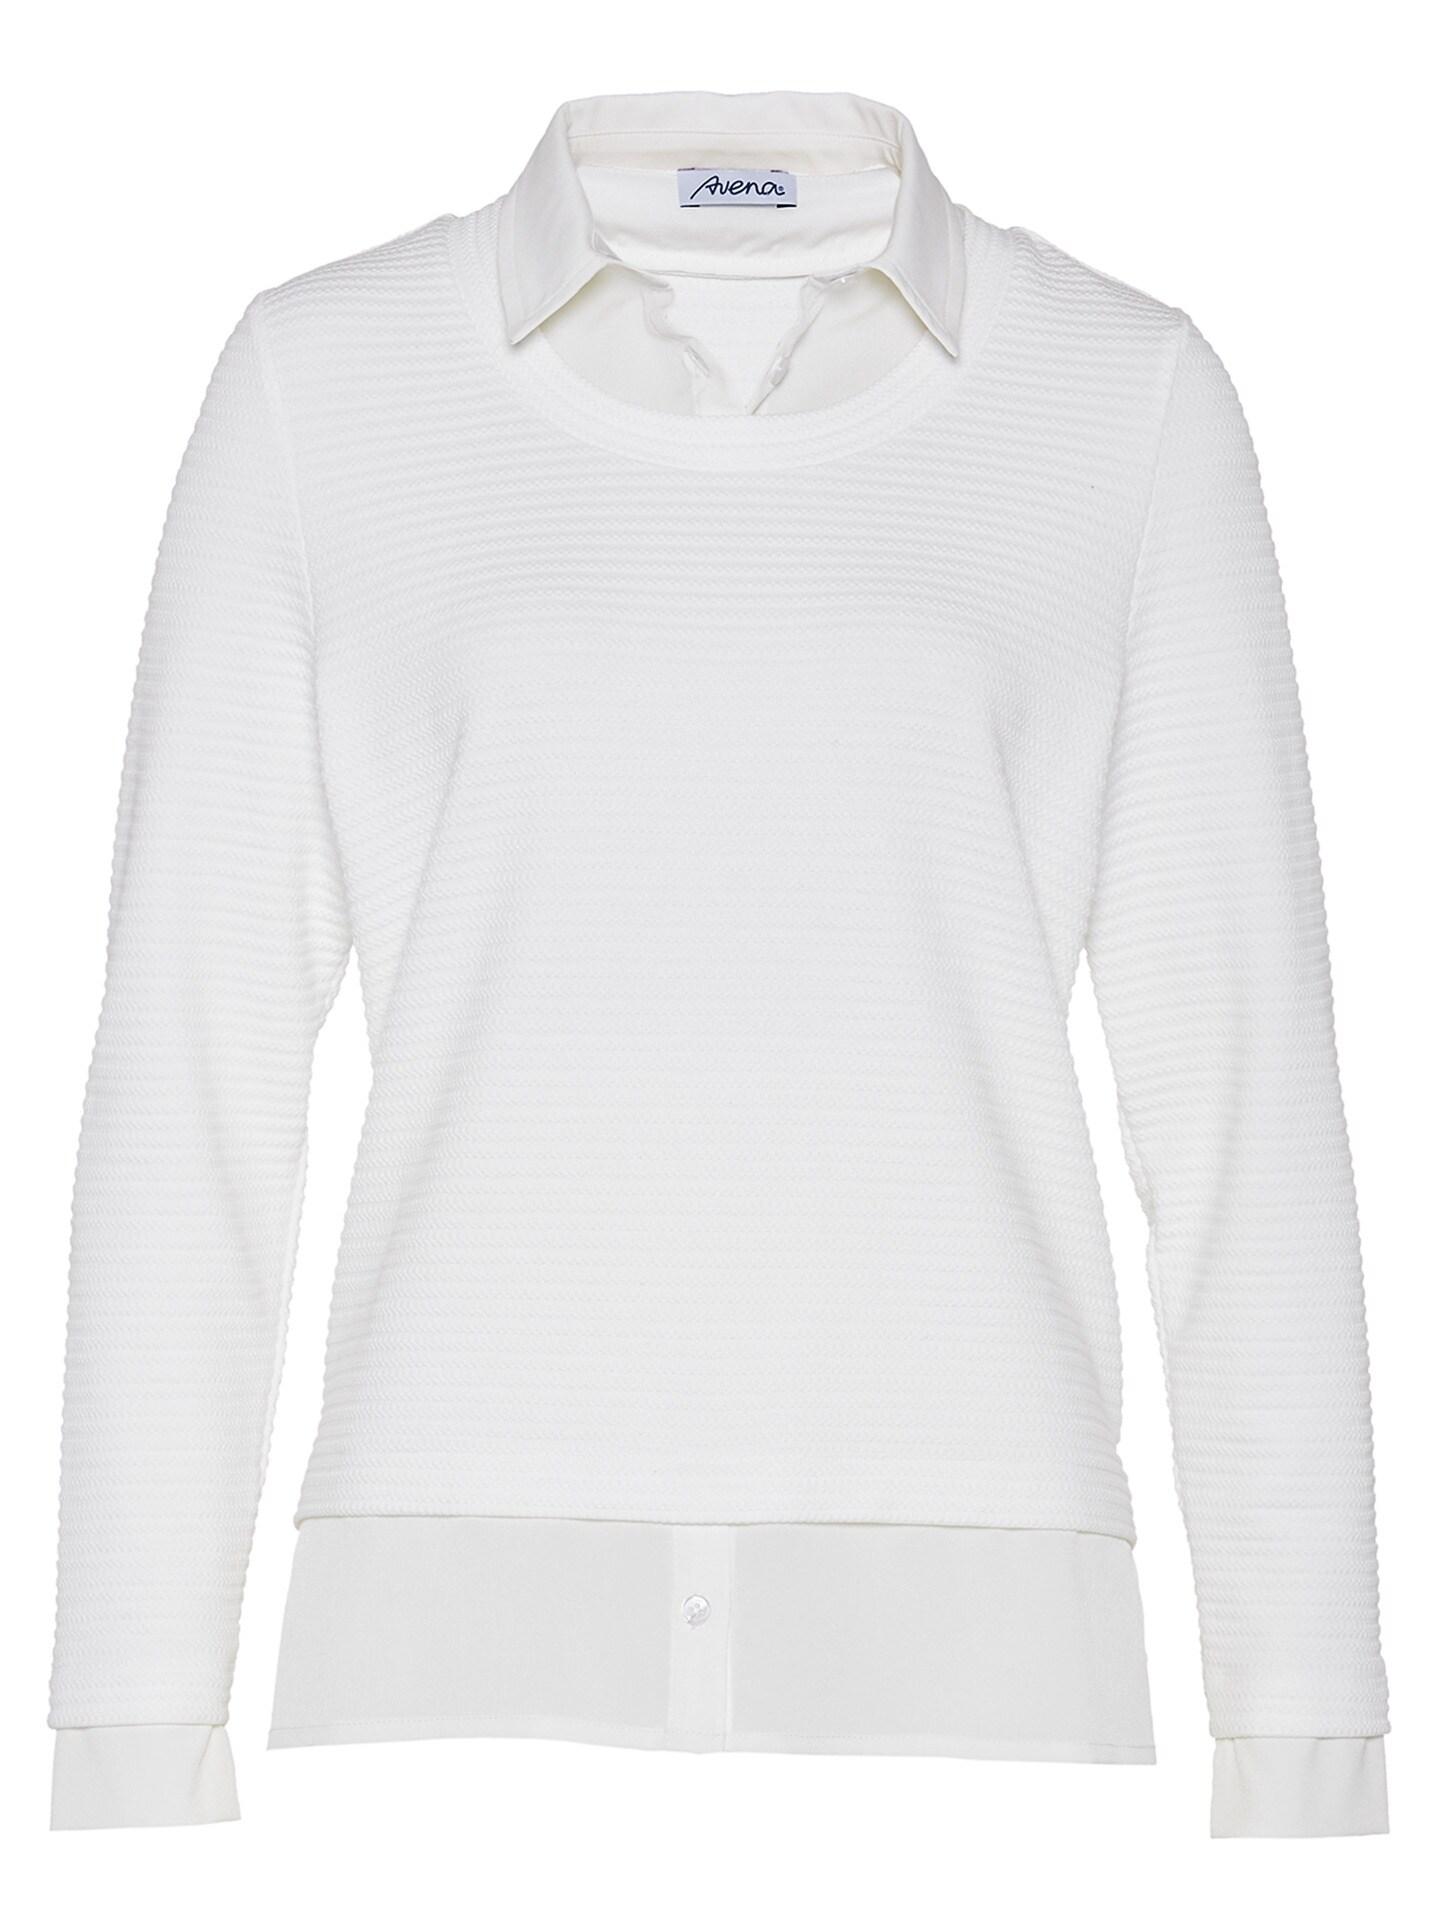 Walbusch Damen 2in1 Blusenshirt Weiß 43-2629-6